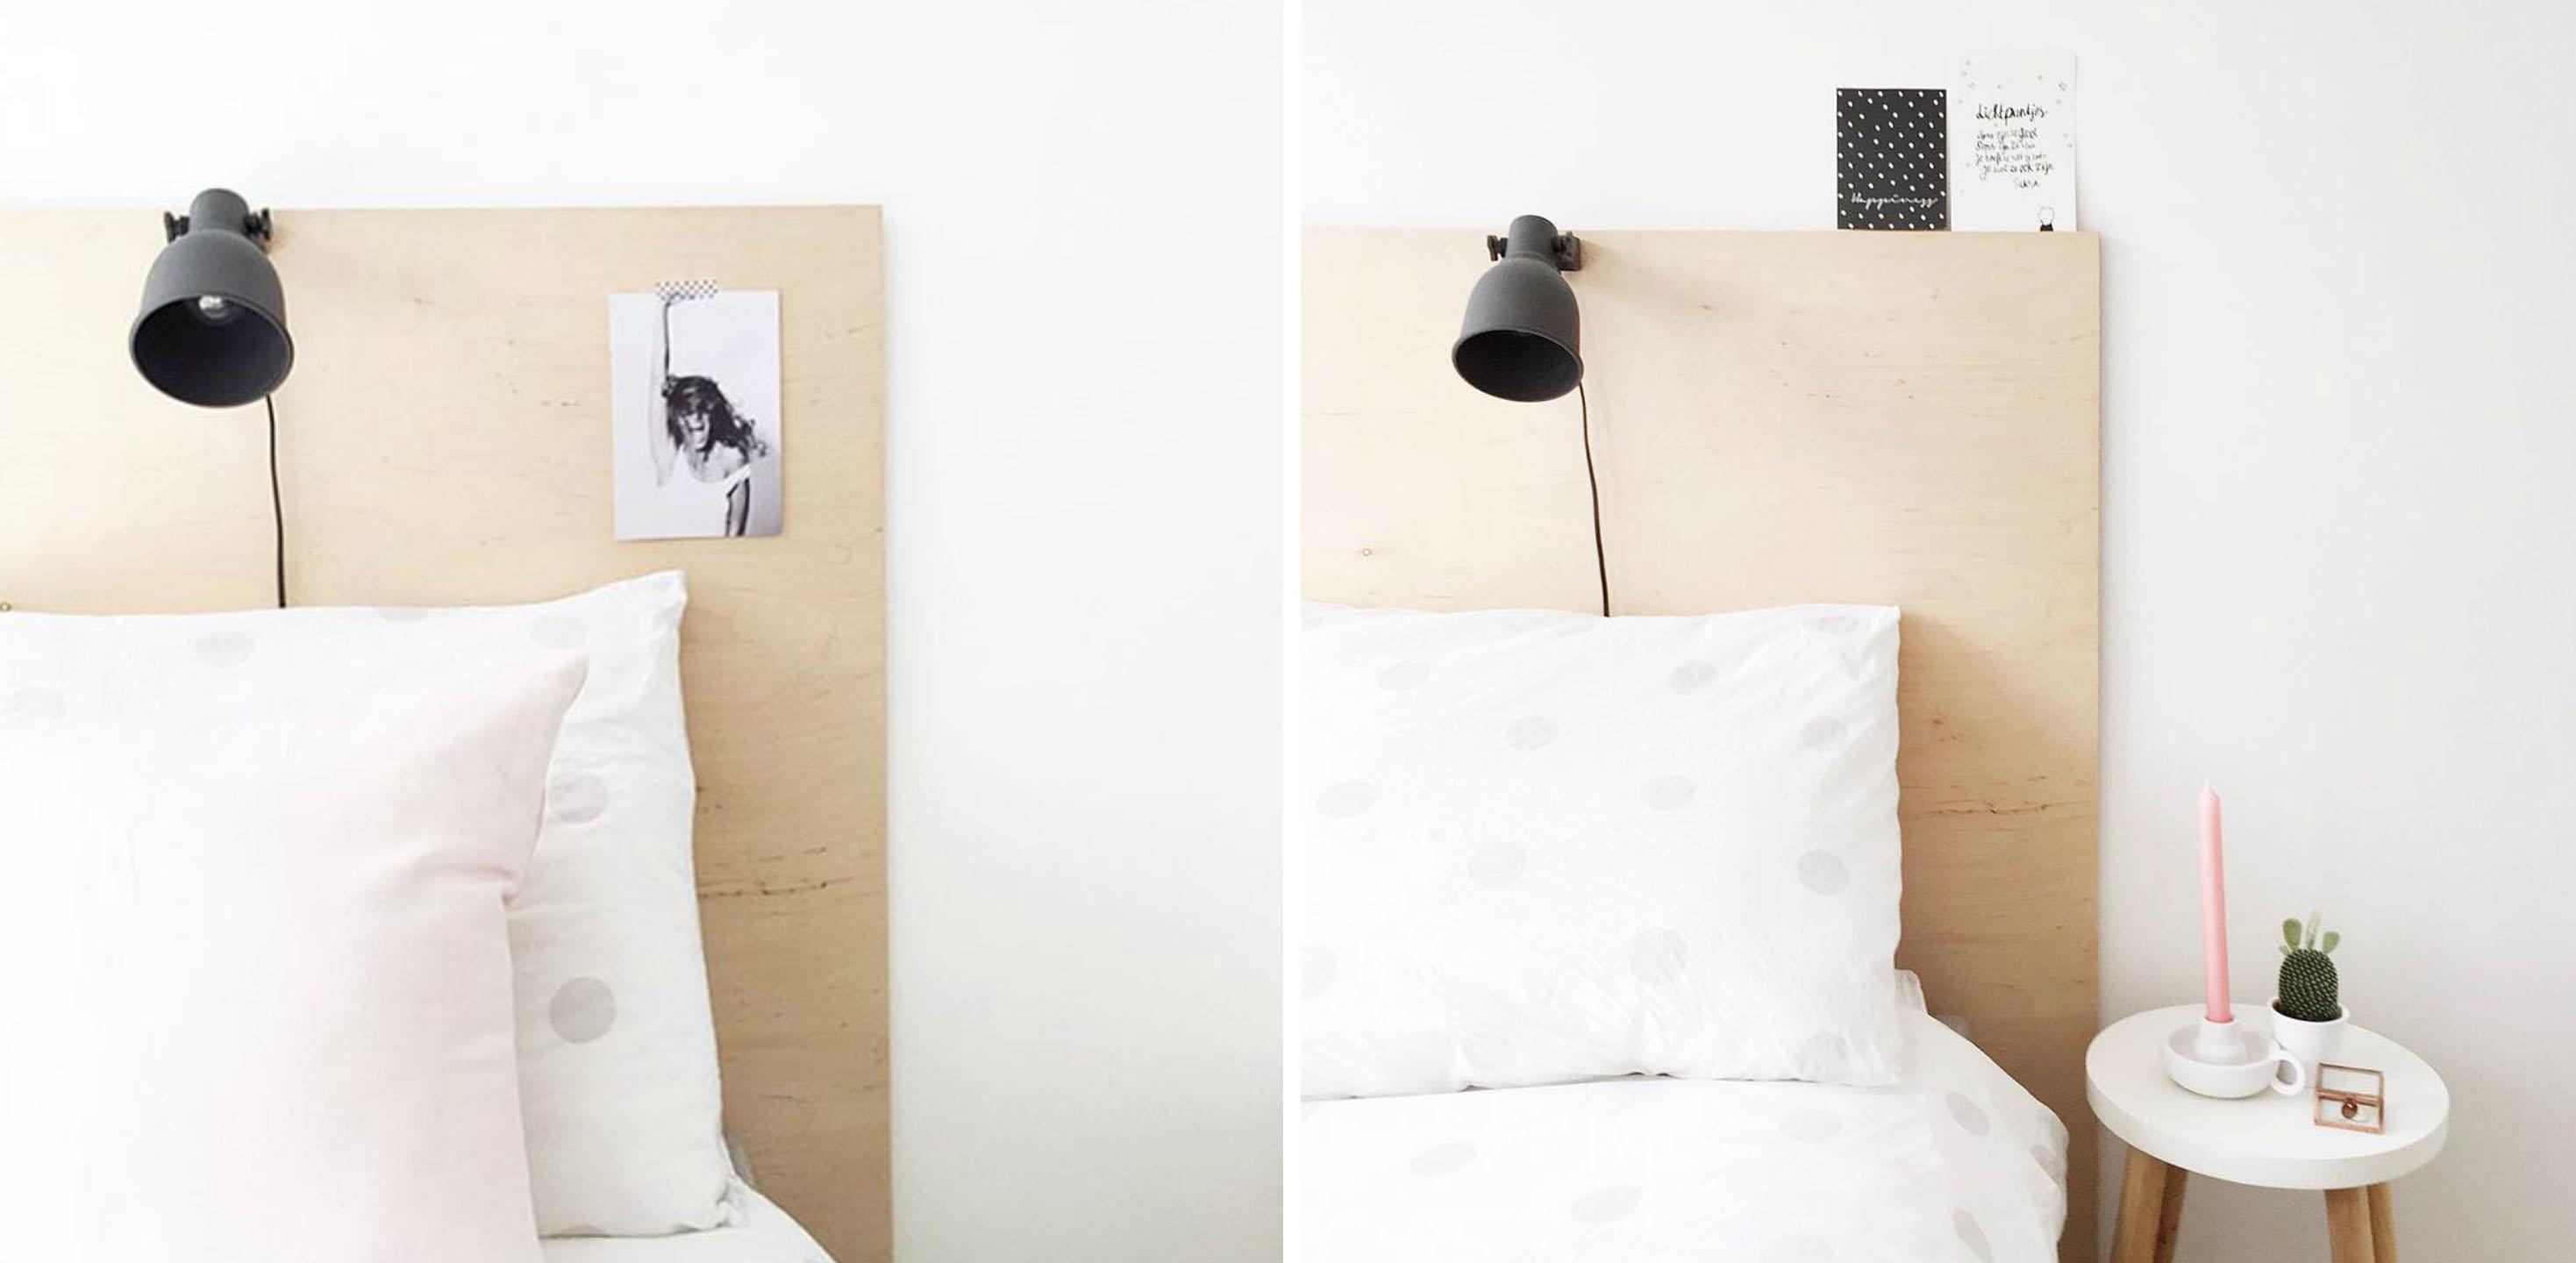 slaapkamer-ineke